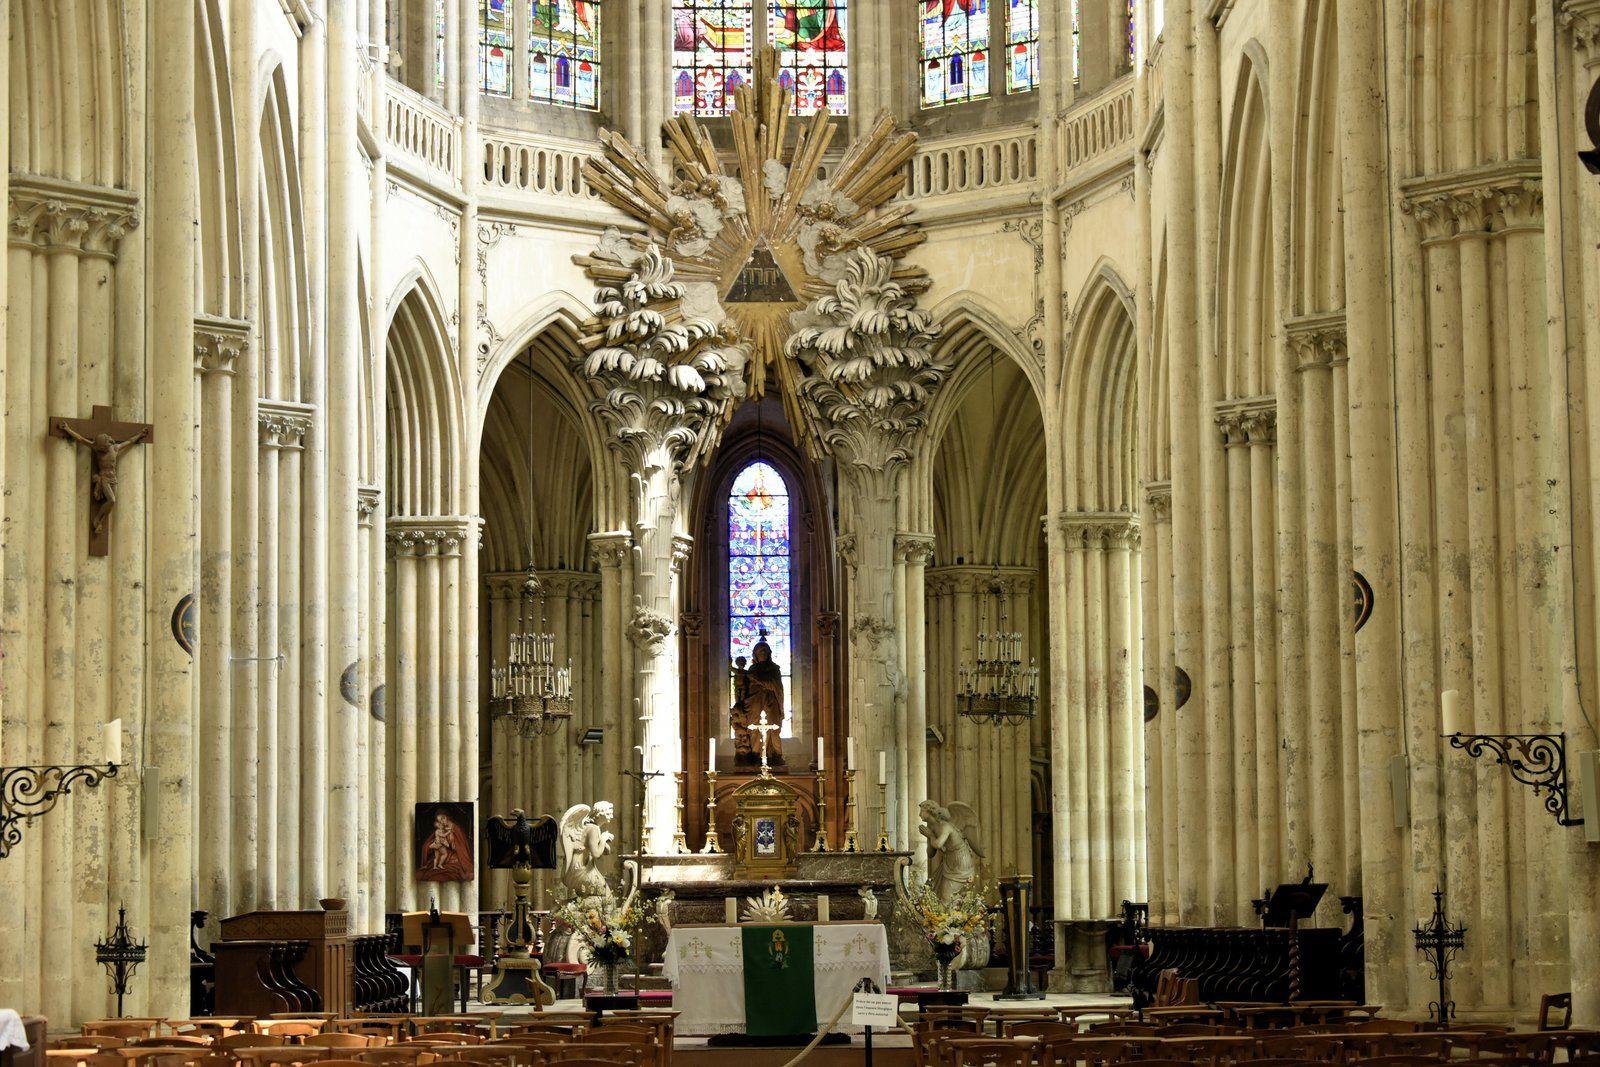 Villeneuve-sur-Yonne est une petite ville de cinq mille habitants et l'église impose sa masse au sein des maisons toutes proches. Sa construction débute au XIIIe siècle et ne s'achève qu'au XVIe avec l'ajout de la façade et des premières travées occidentales. Cette dernière partie ne fut d'ailleurs voûtée qu'au XVIIe siècle. Long de 72 mètres et large de 19, l'édifice de style gothique relève des influences bourguignonne (notamment pour l'élévation du chœur) et champenoise. Il a été classé monument historique dès 1849. les continuateurs du premier maître-maçon du XIIIe siècle sont restés fidèles au schéma choisi pour le chevet. L'église possède ainsi une grande unité architecturale, même si elle a été bâtie sur trois siècles.